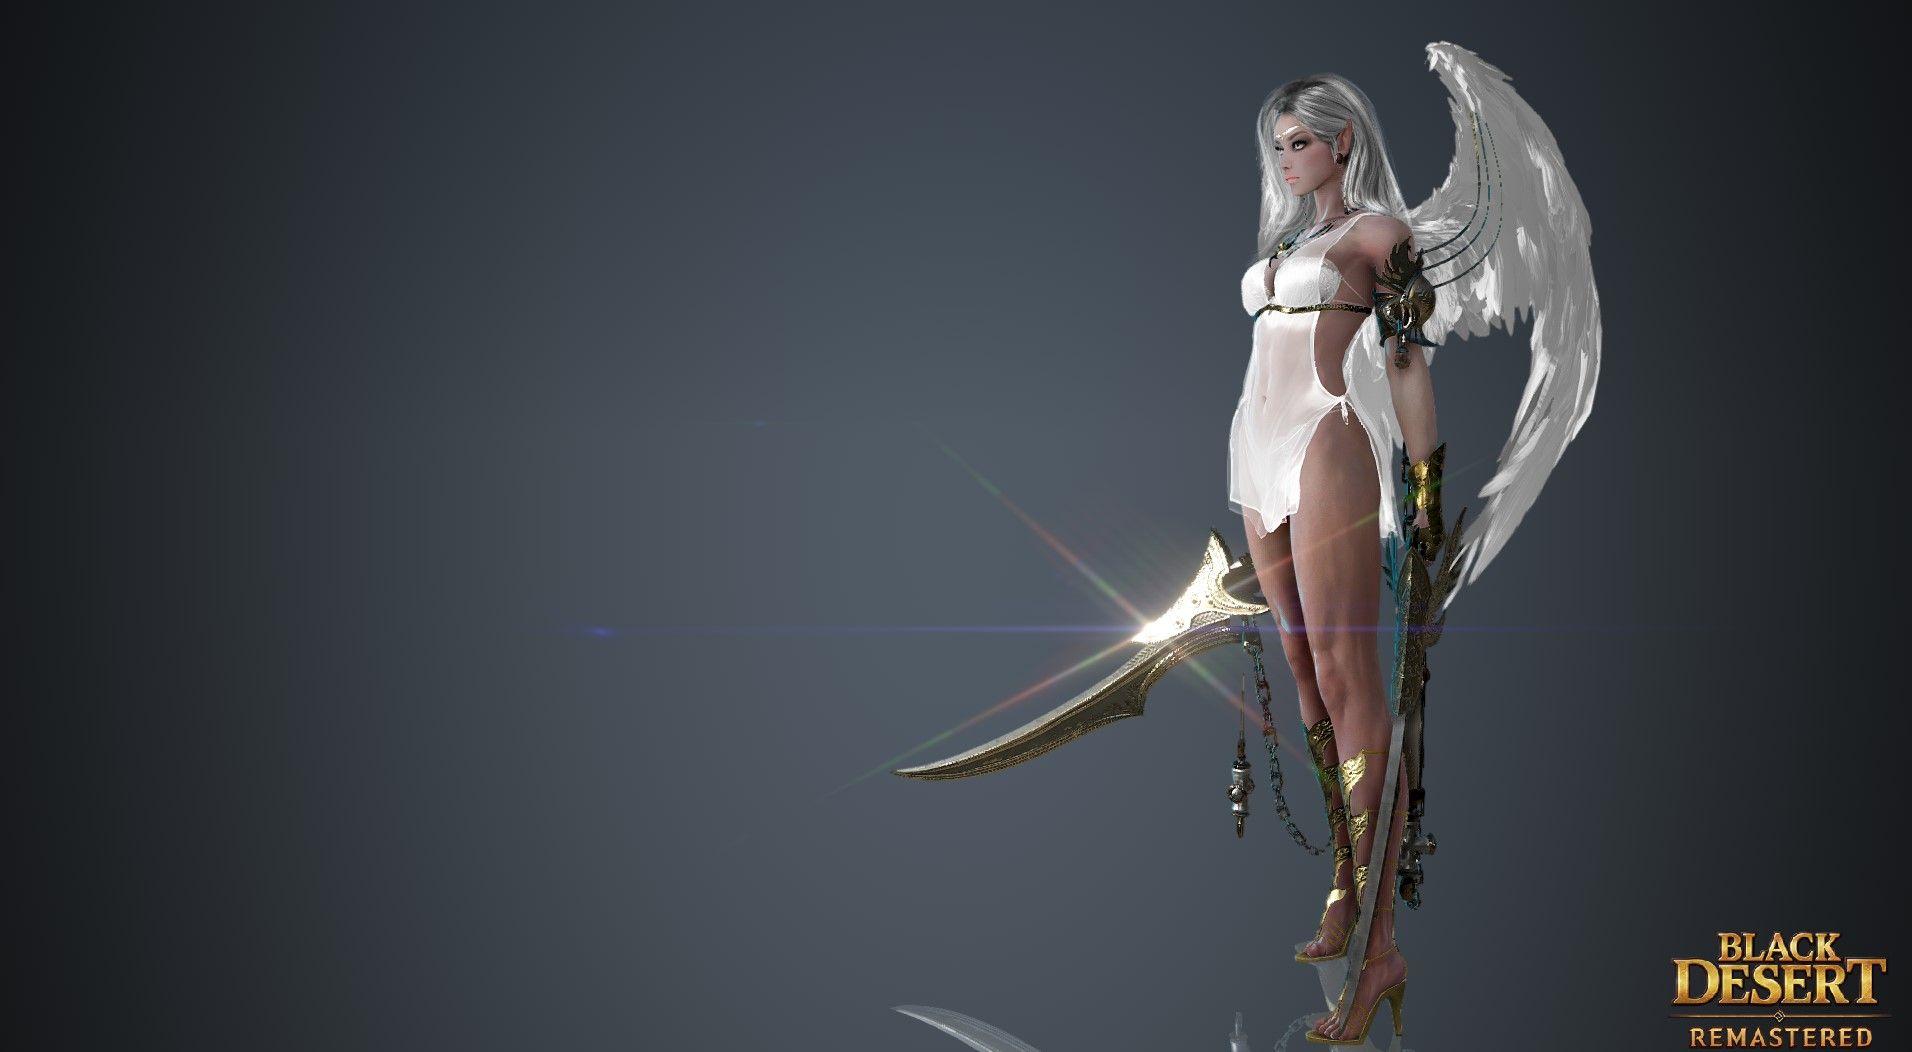 Black Desert Remastered Lahn Black Princess Zelda Mmo